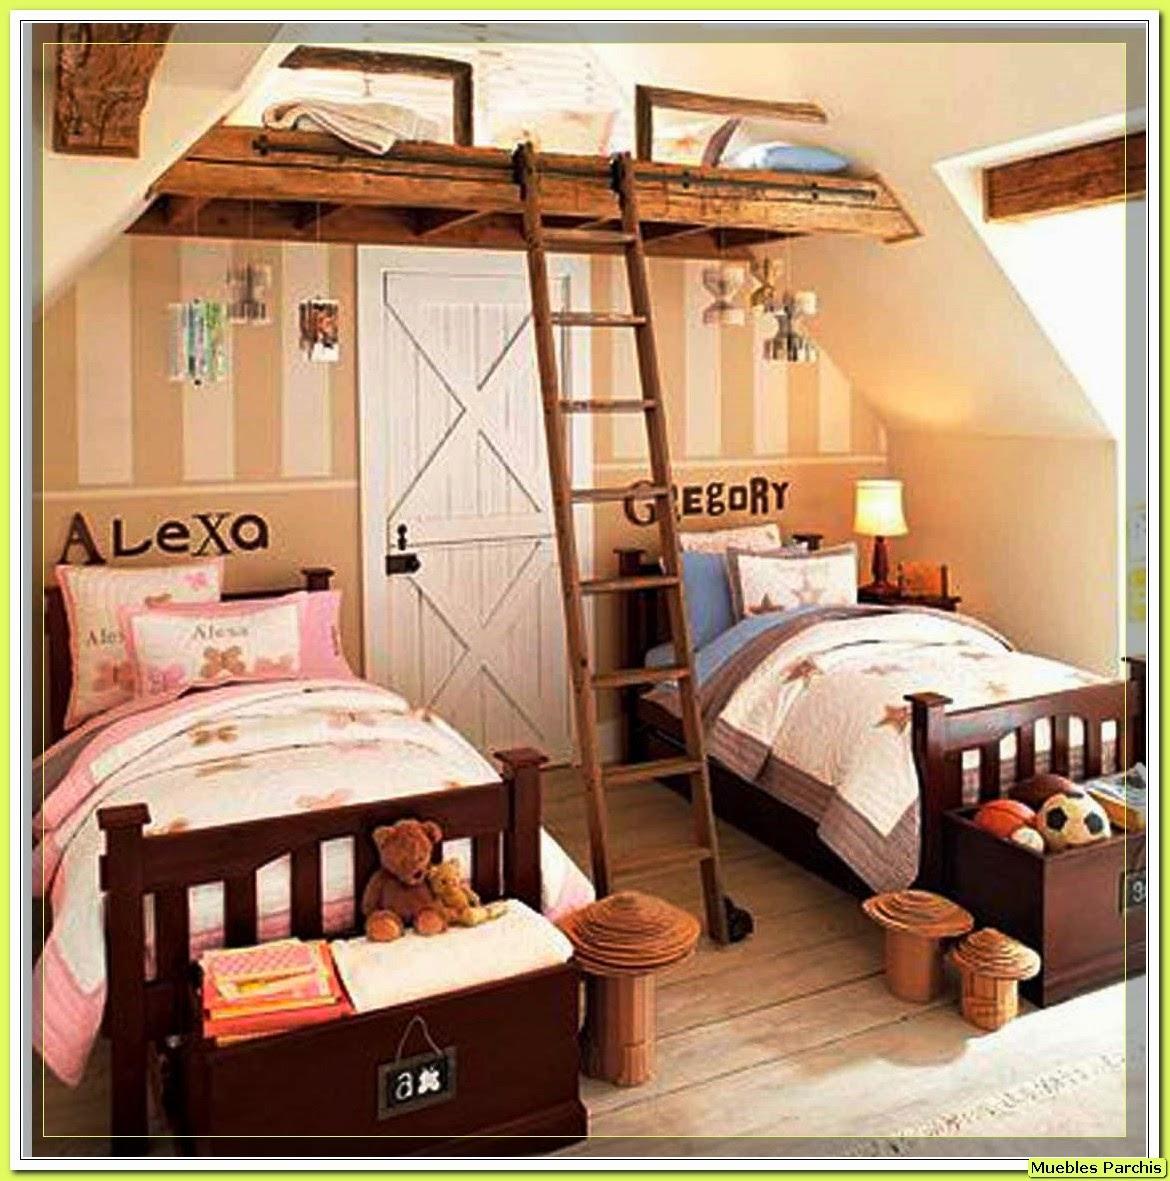 Cama mesa abatible camas autoportantes dormitorios - Muebles para cuarto de nina ...